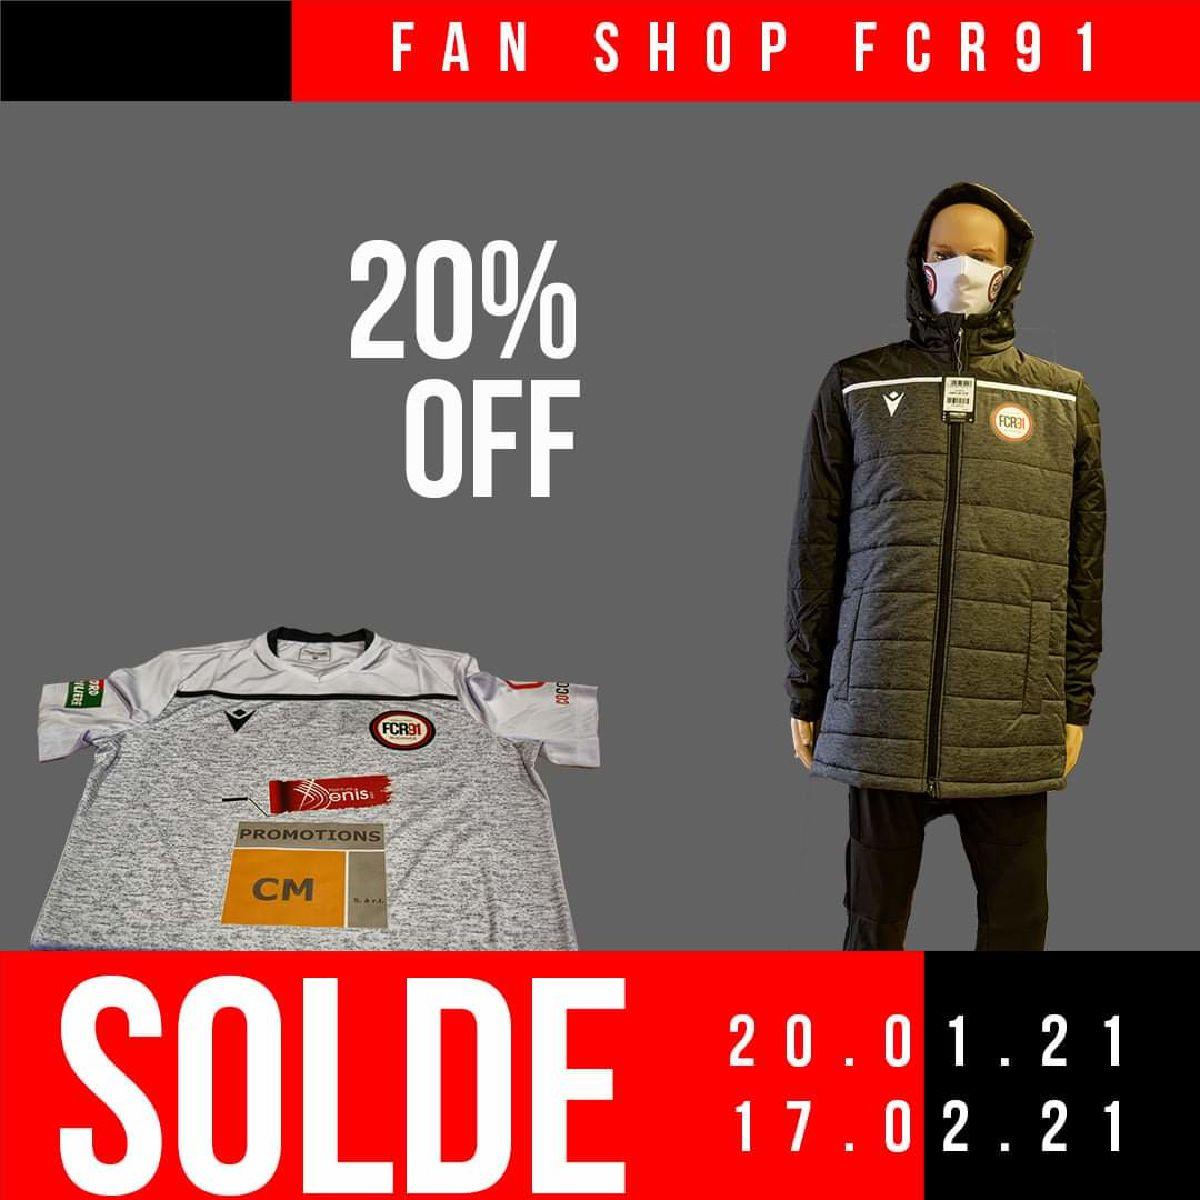 Soldes au fan Shop FCR91